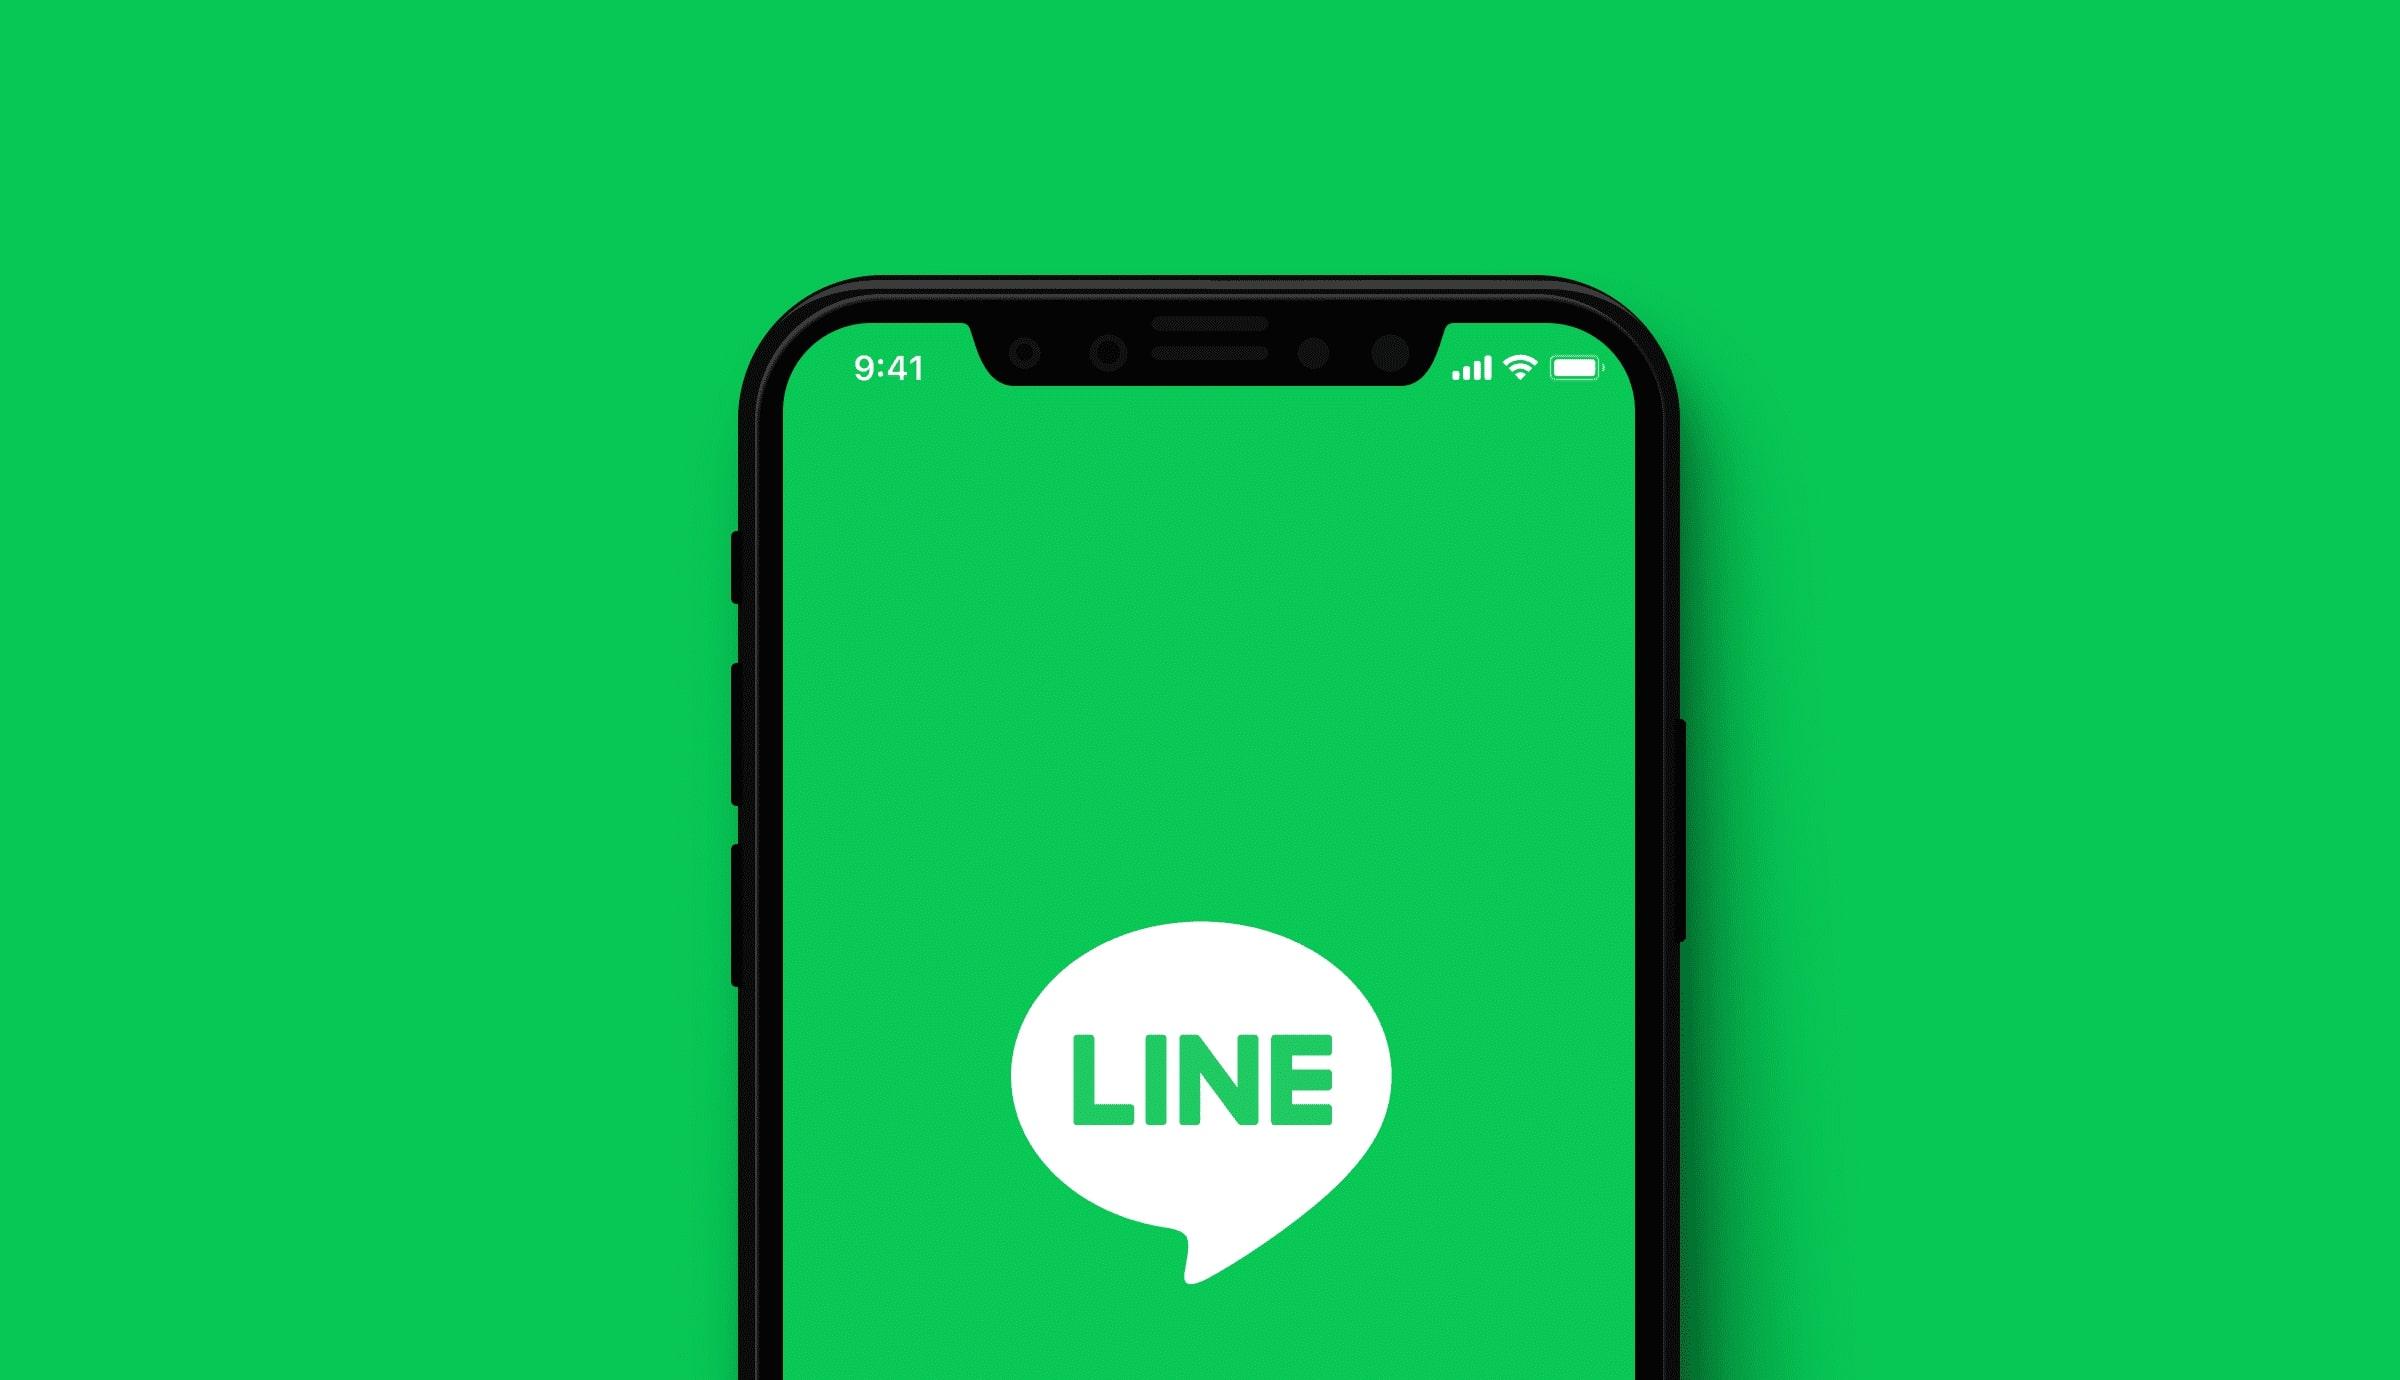 LINEみんなの使い方ガイド_LINEホーム画面